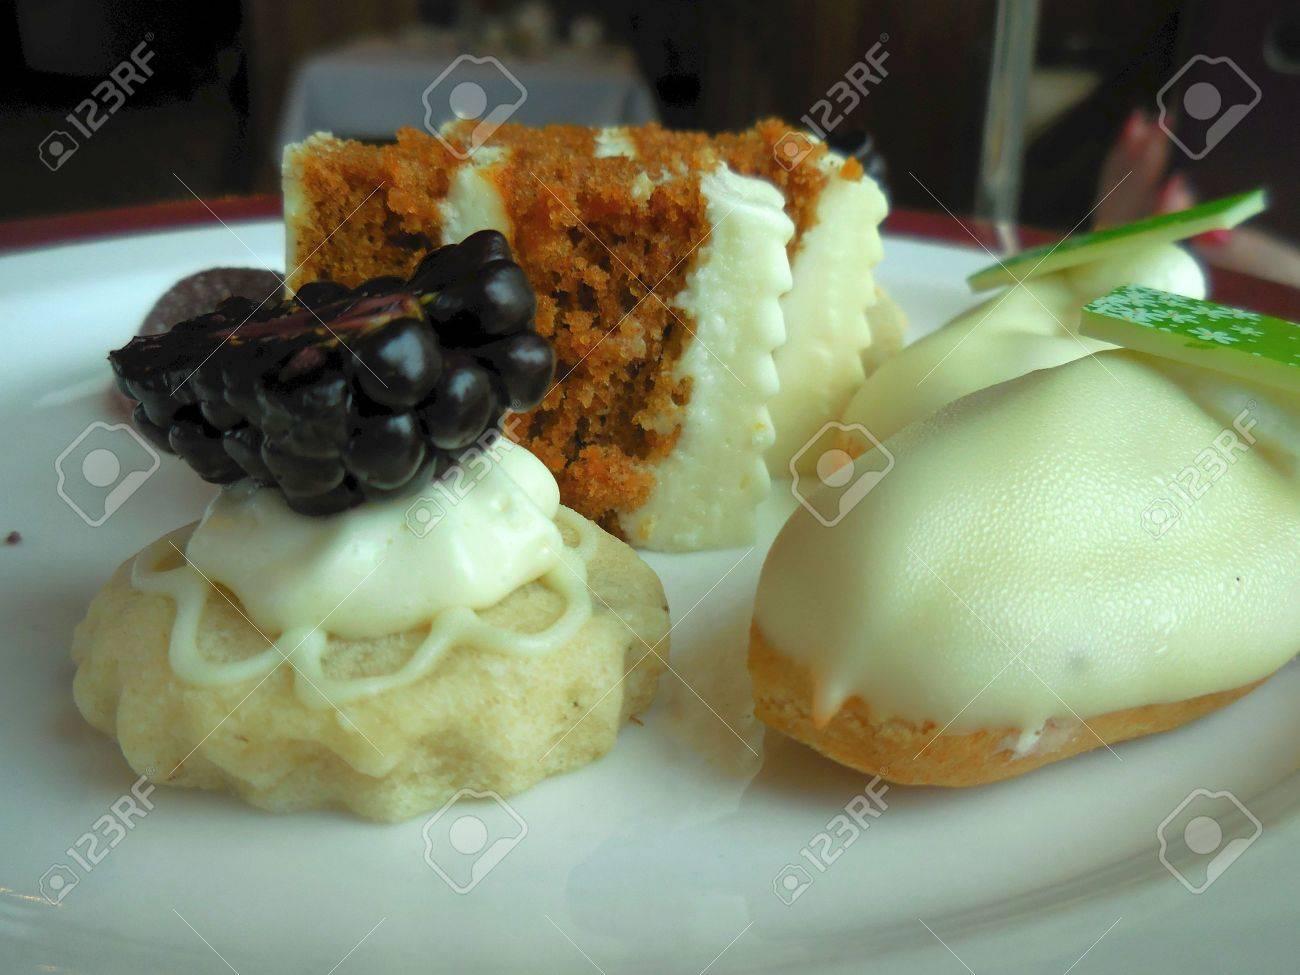 Tea pastries Stock Photo - 79128424